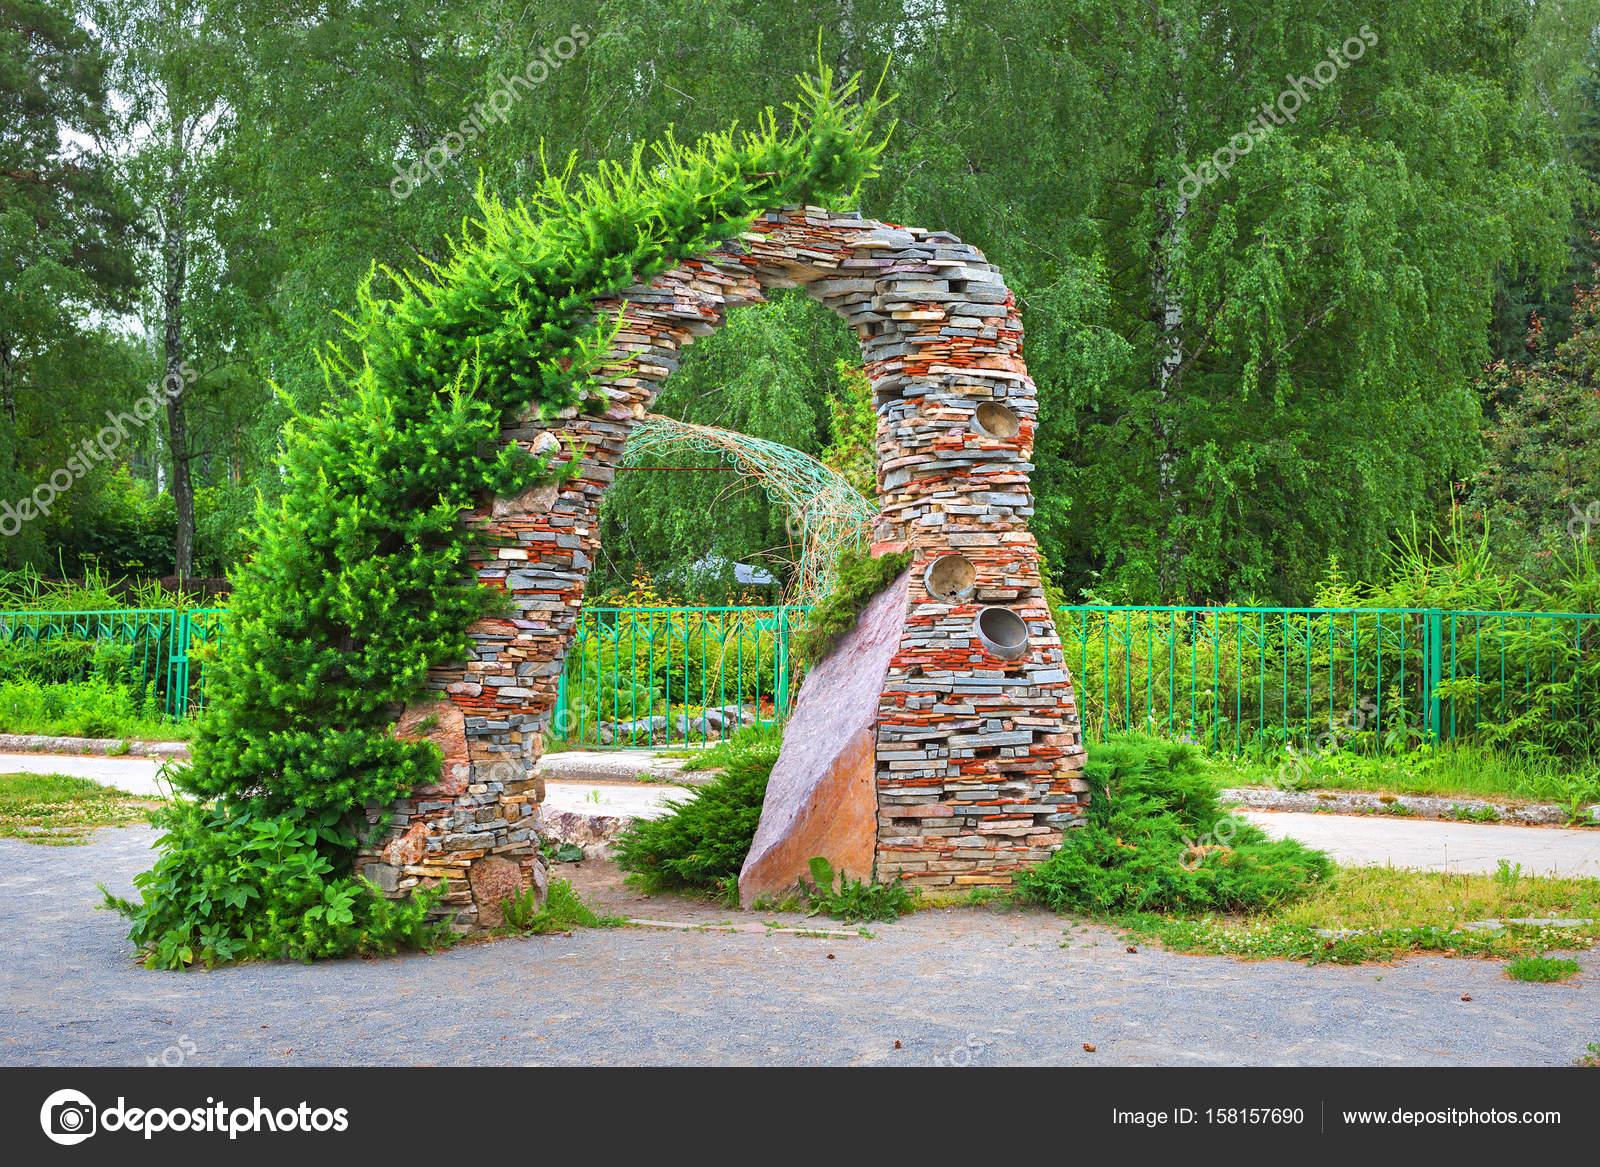 Arco de jardn en piedra las conferas Foto editorial de stock